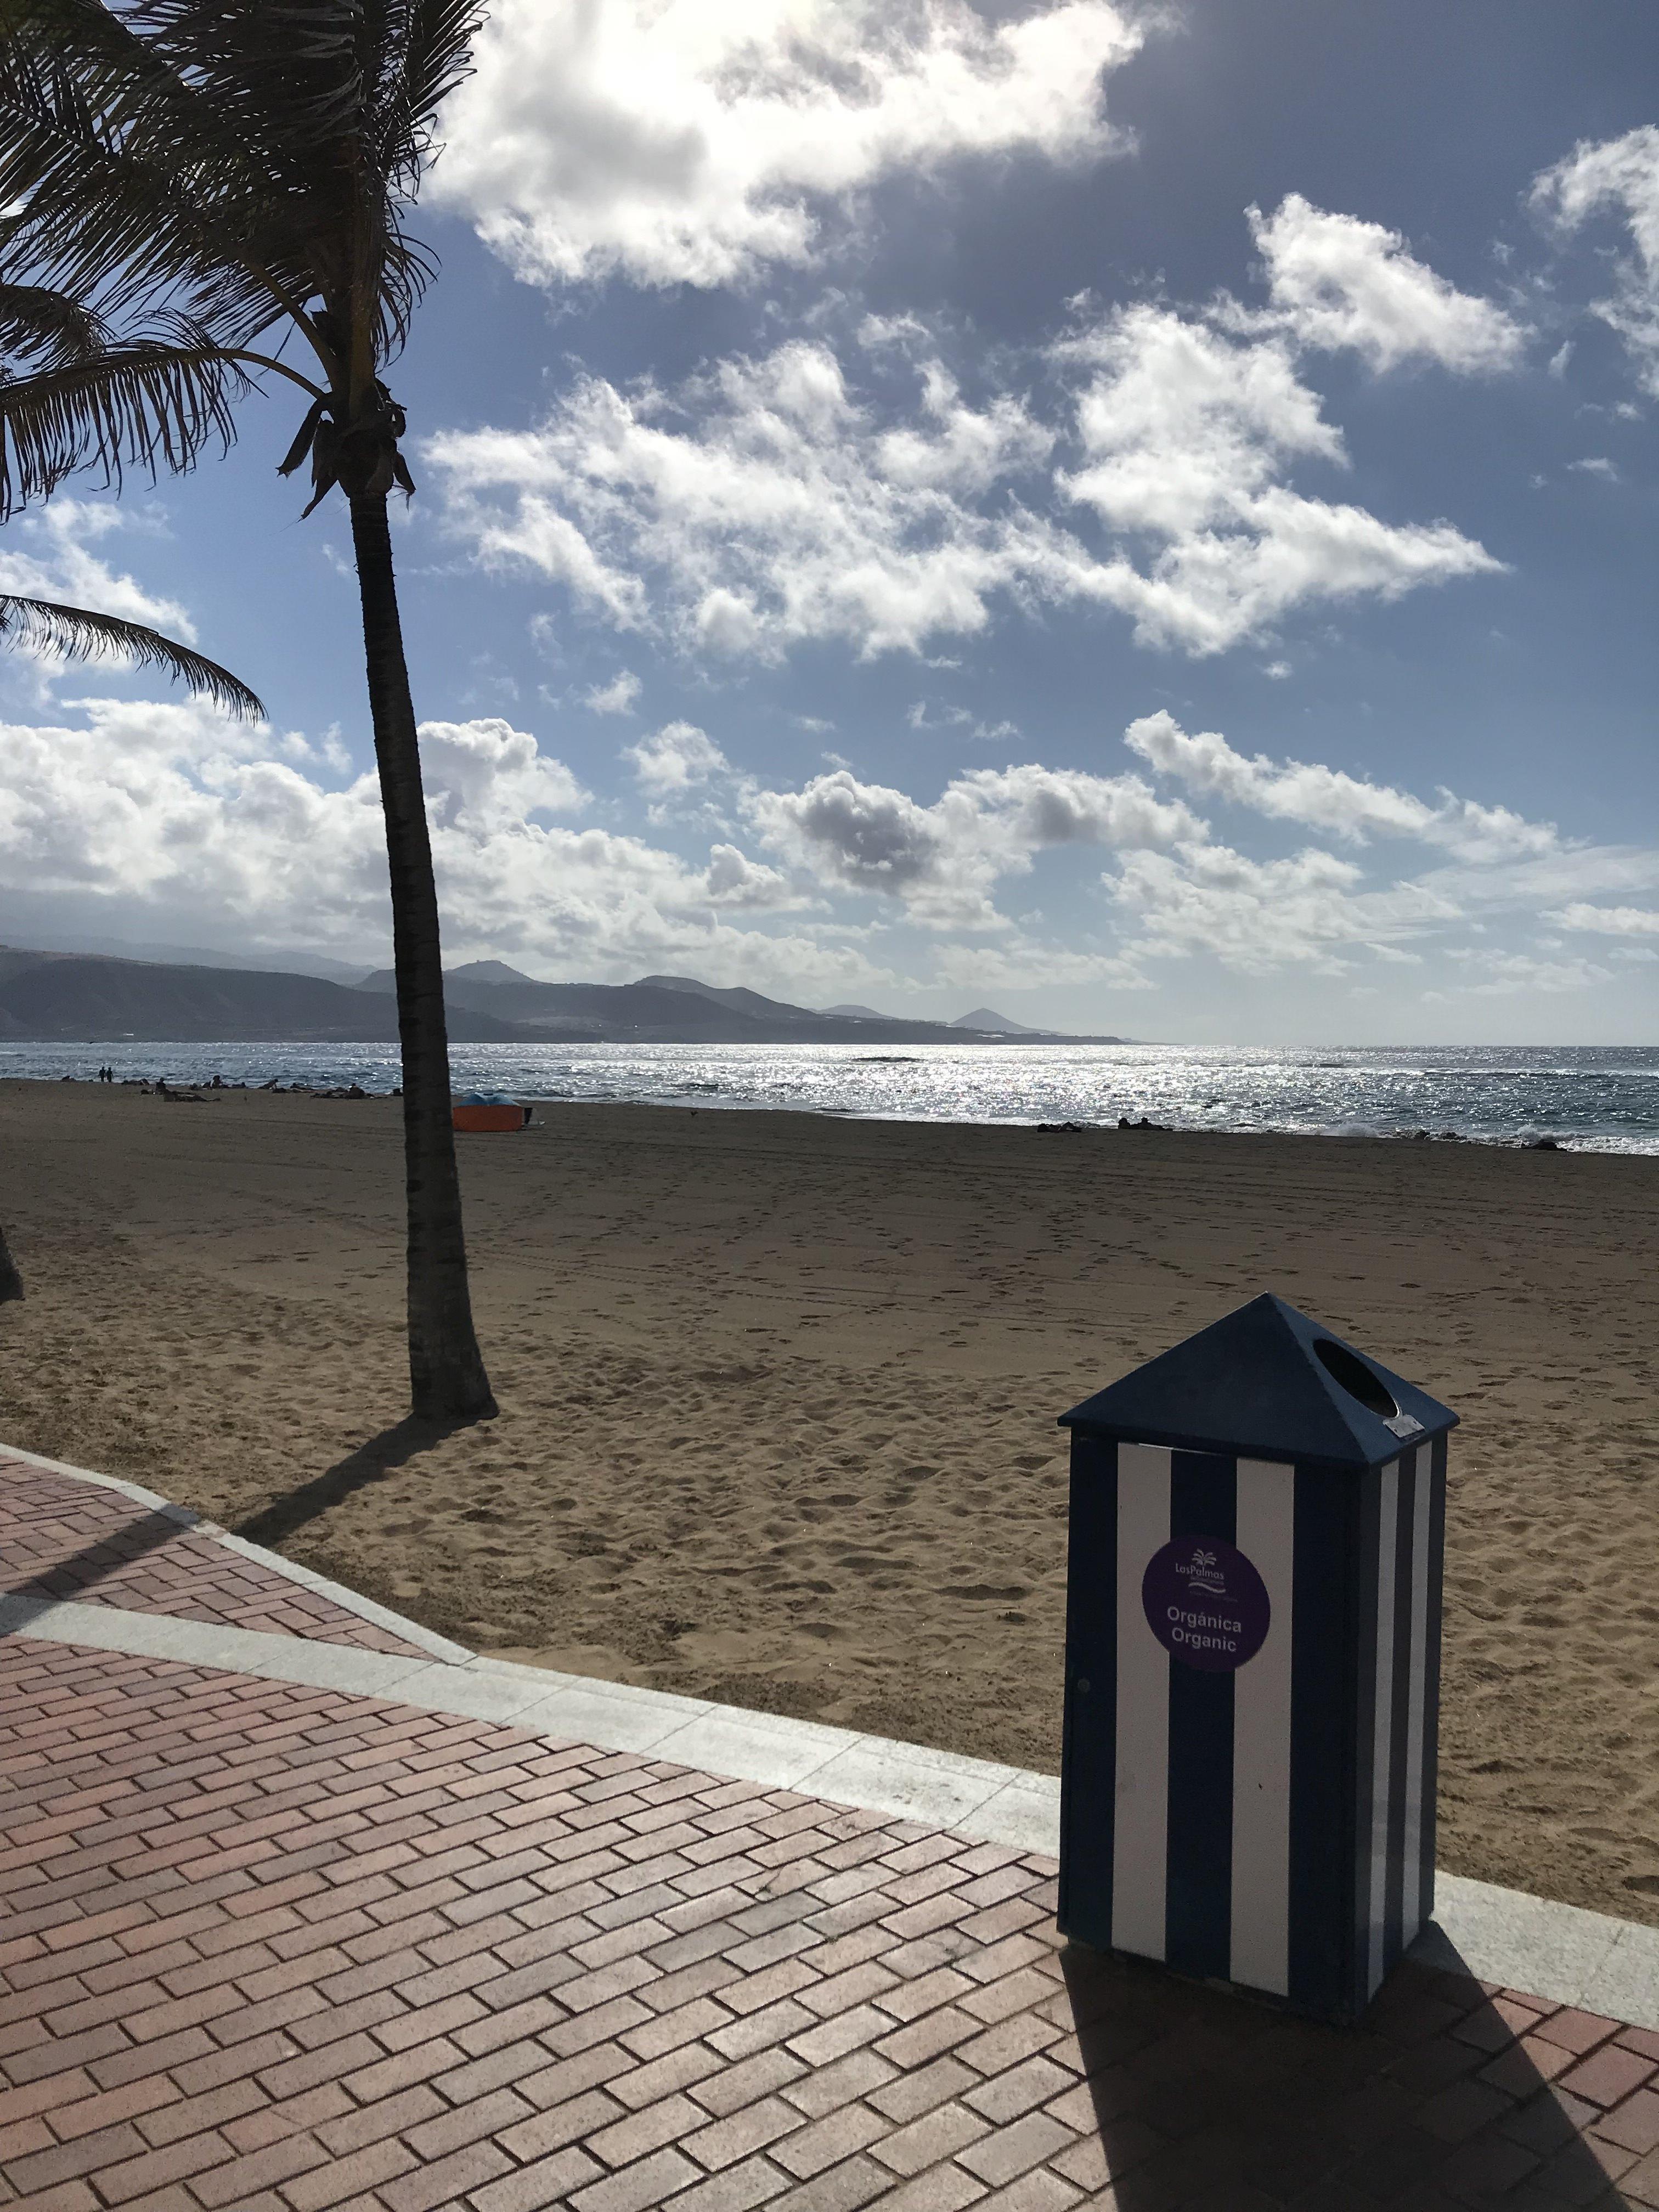 Sunny beach in Las Palmas, Gran Canaria